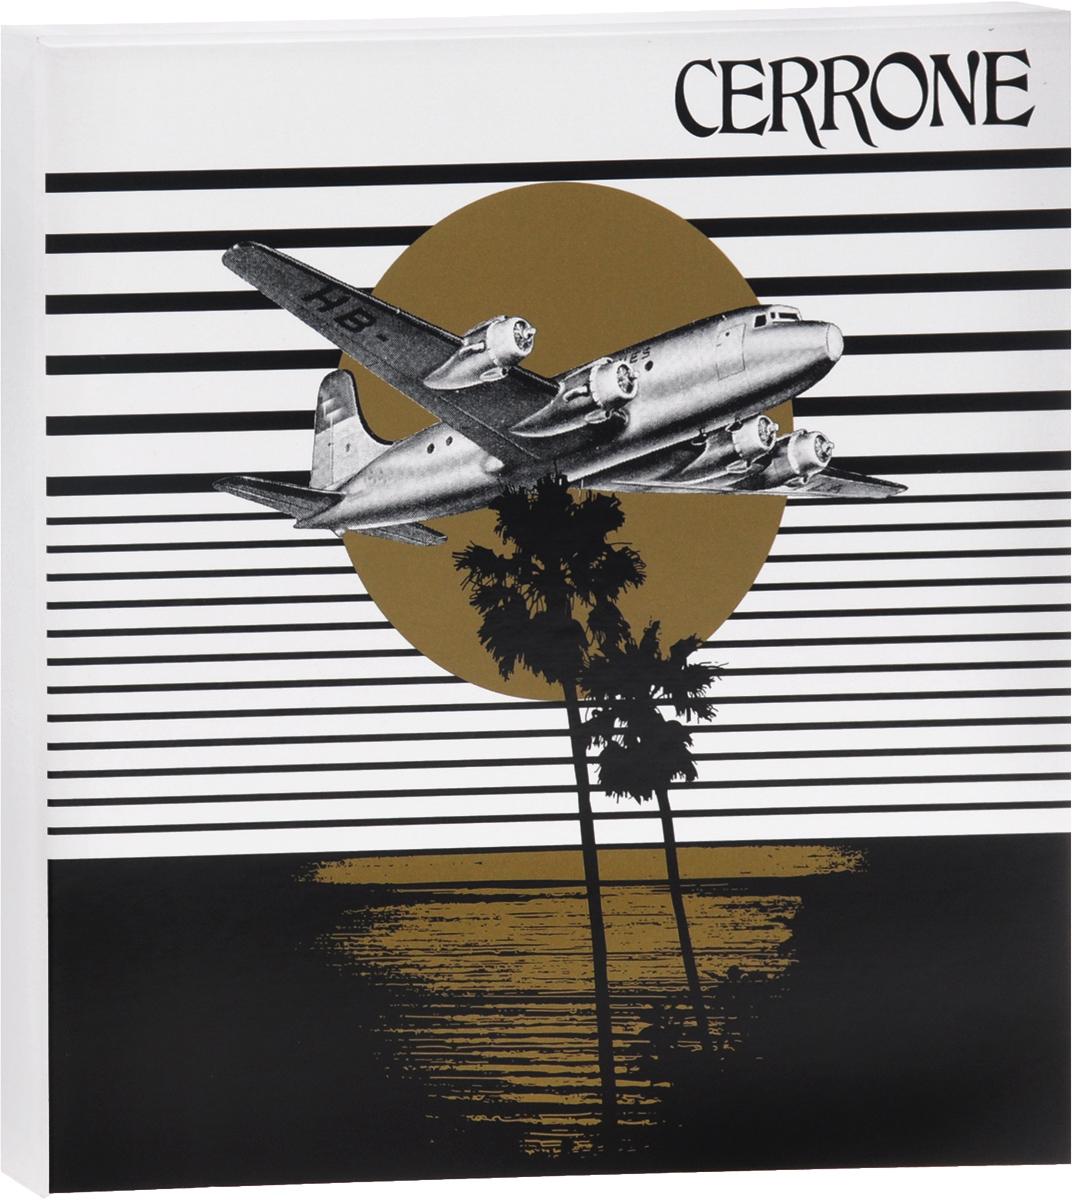 К изданию прилагается постер с дополнительной информацией на английском языке на обороте (размер: 30 см х 60 см). Прилагаемые диски содержат аналогичный список треков.